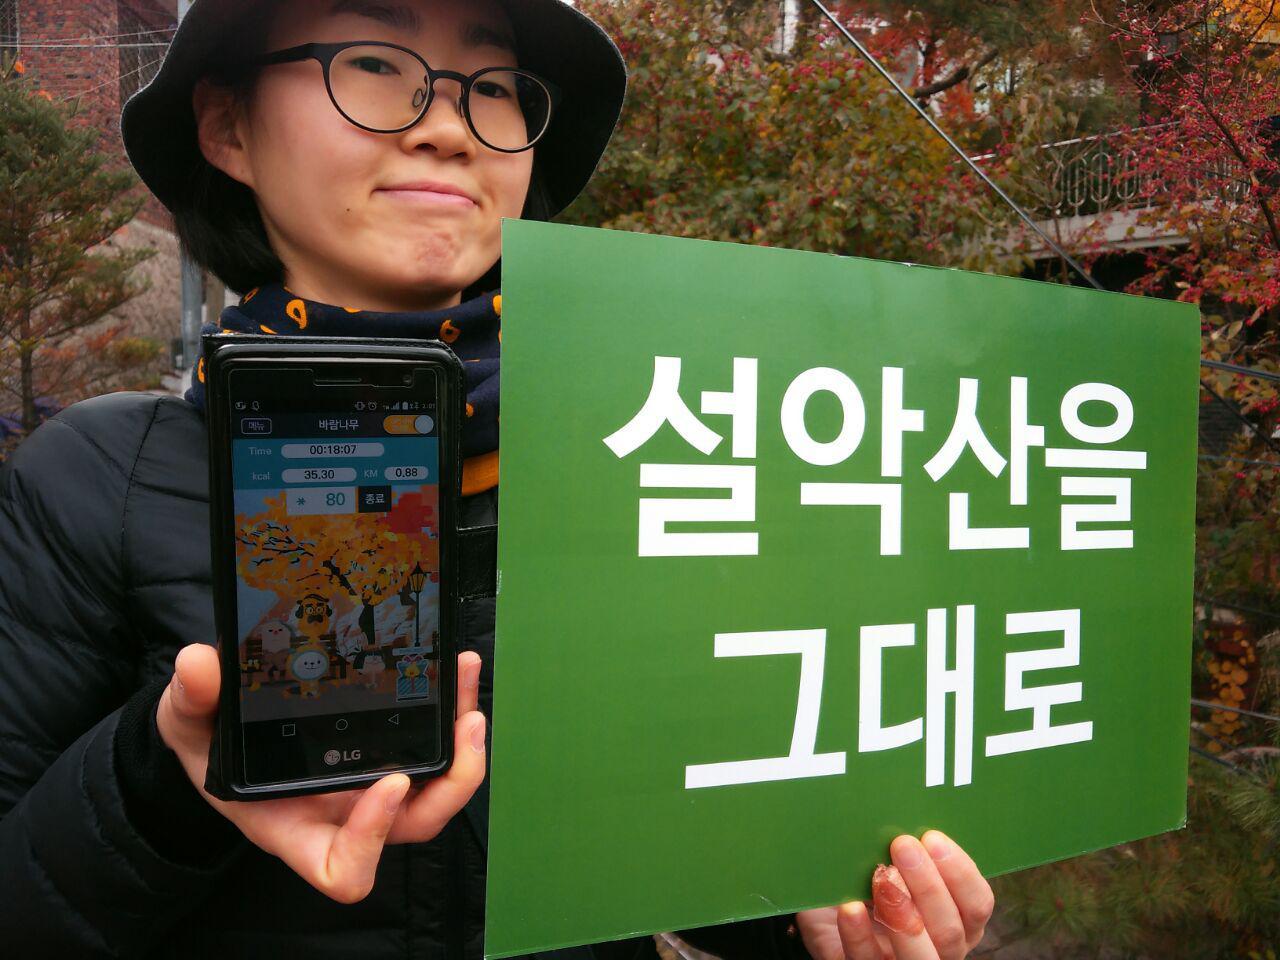 설악산지키기 모금함 화면(Bigwalk 어플)/'설악산국립공원지키기국민행동'은 언제 어디서는 누구나 설악산을 지킬 수 있는 함께 걷기 캠페인을 진행하고 있다.